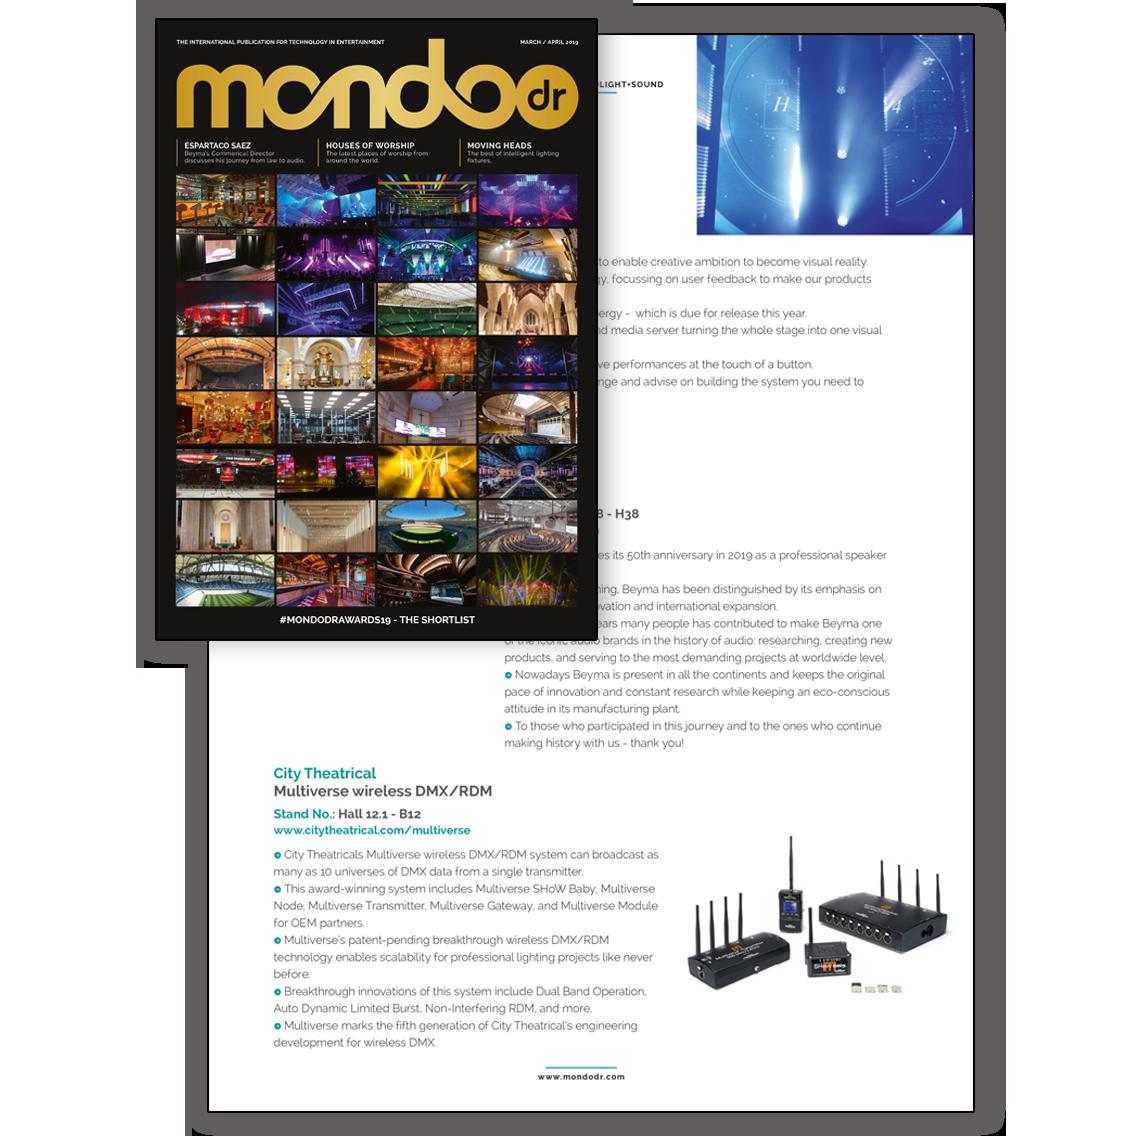 Multiverse in Mondo Magazine